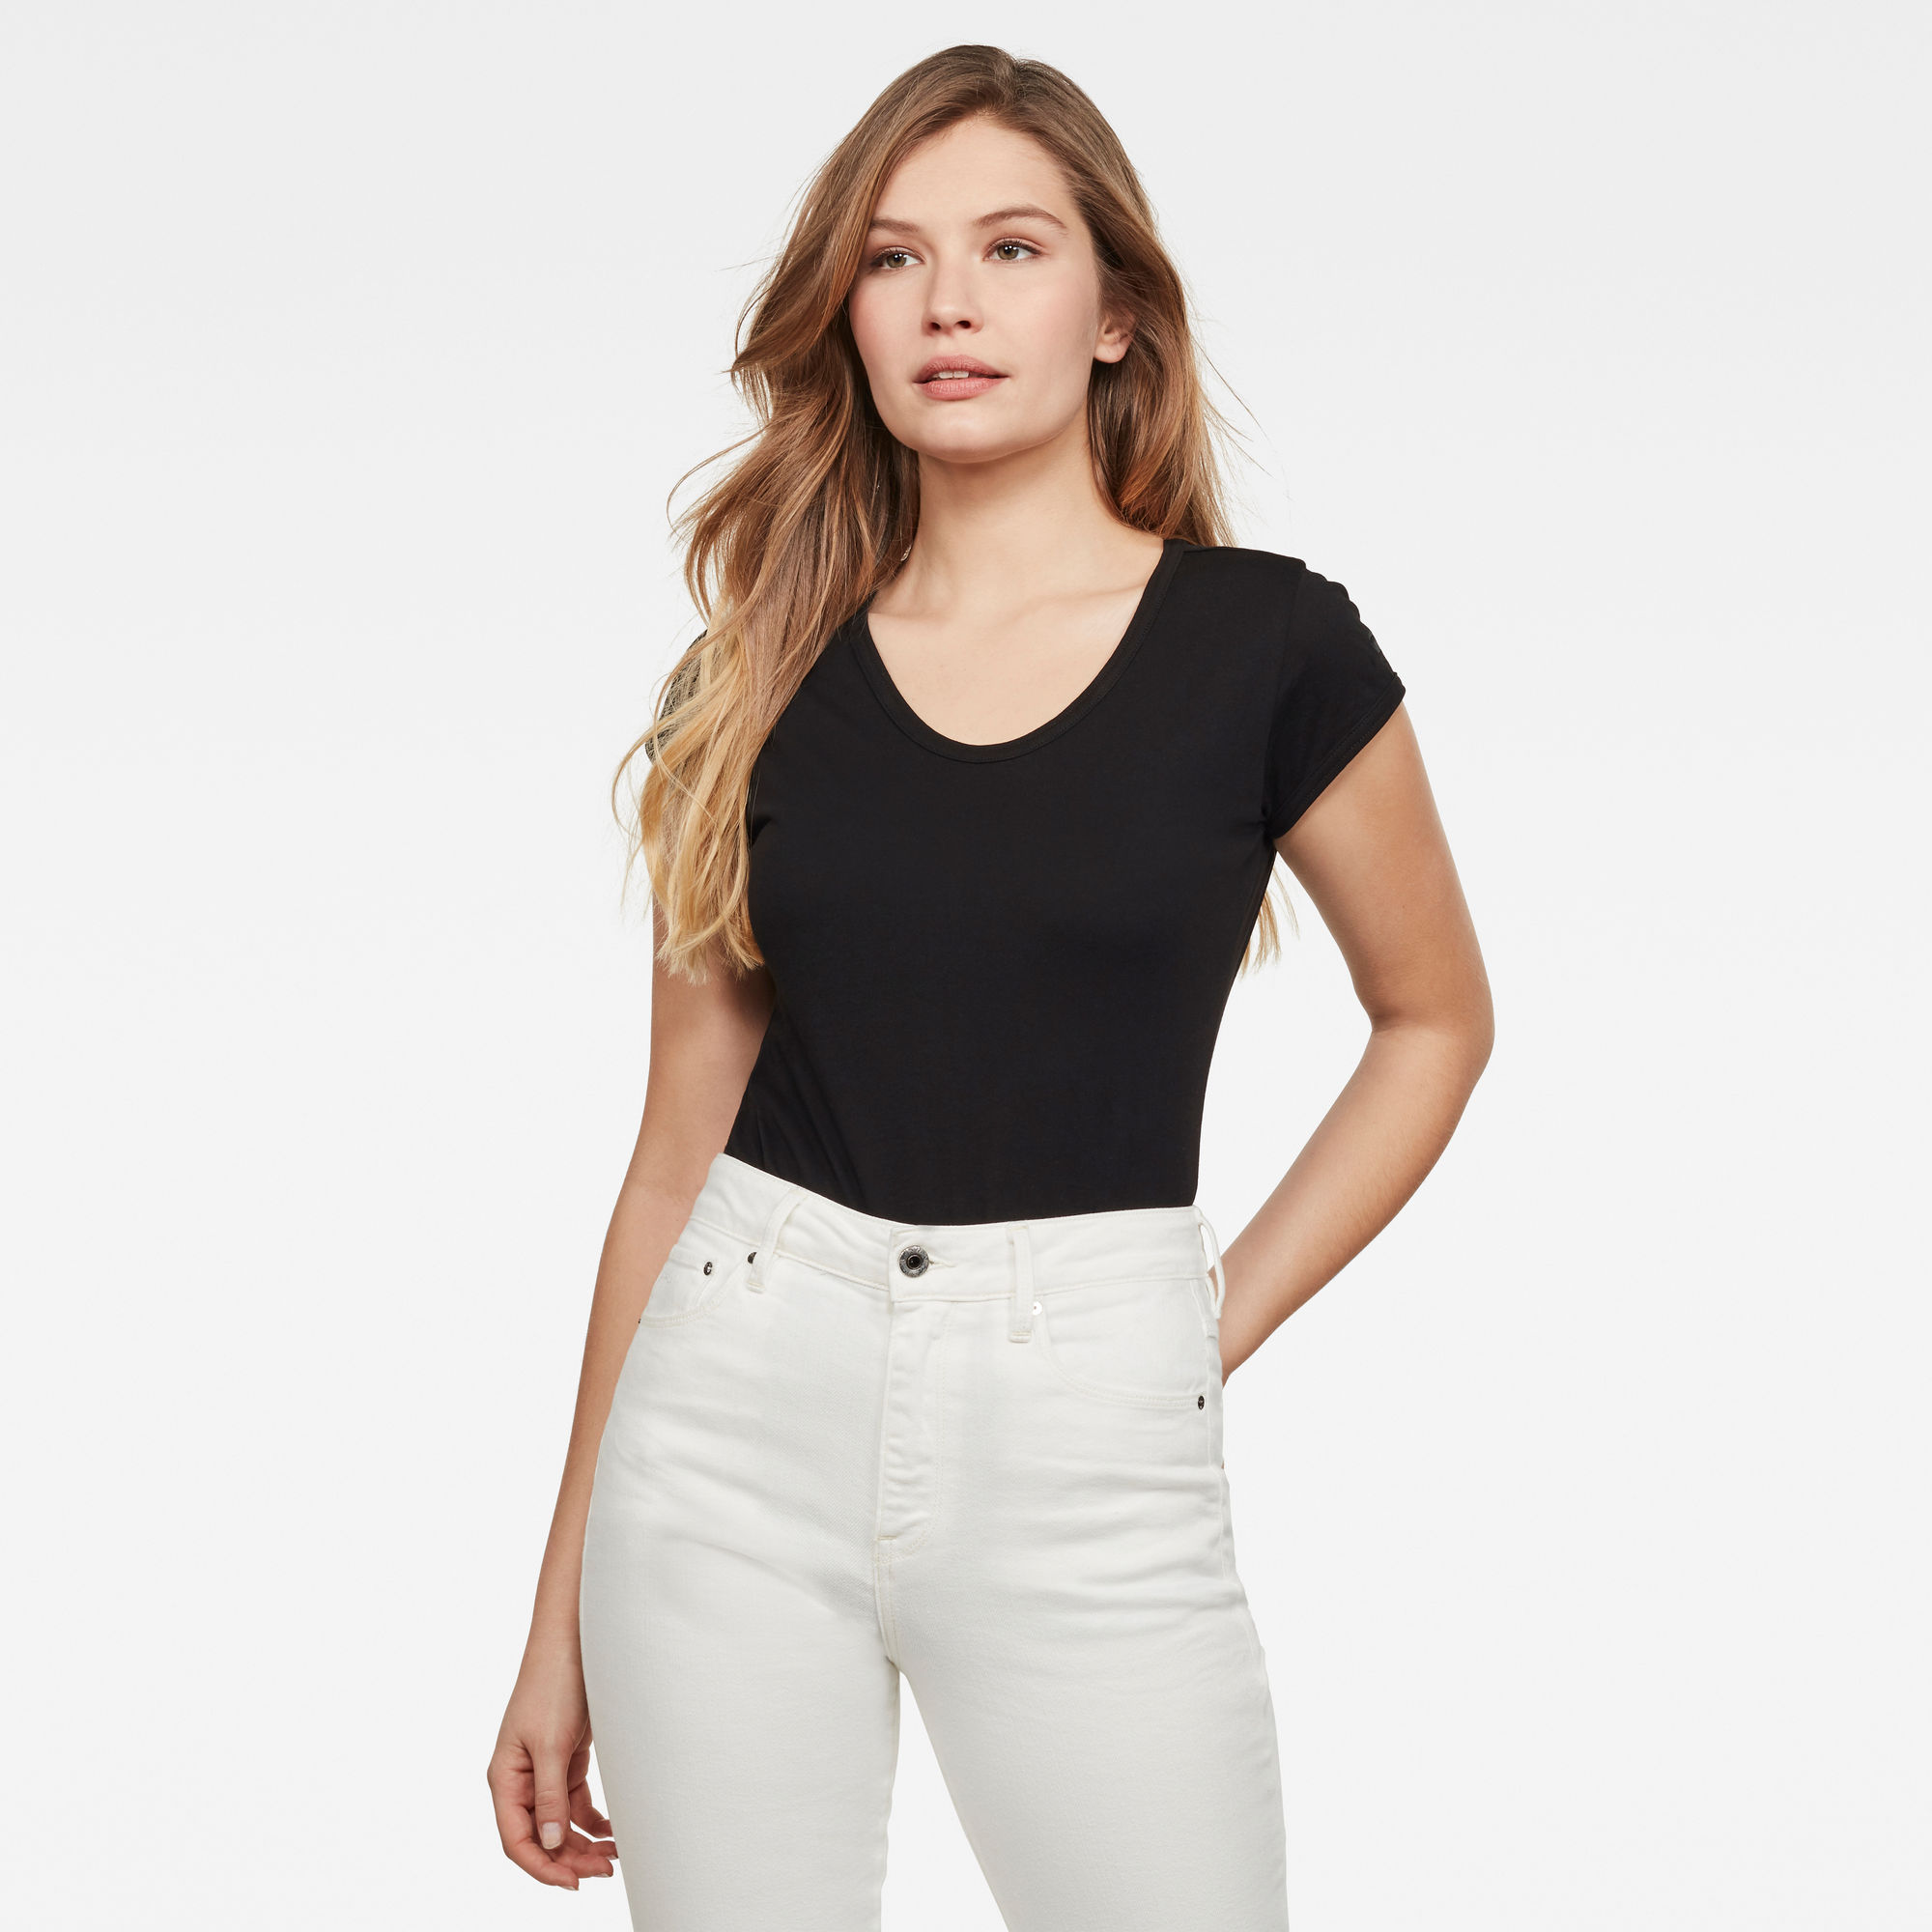 G-Star RAW Dames Core Eyben Slim T-Shirt Zwart